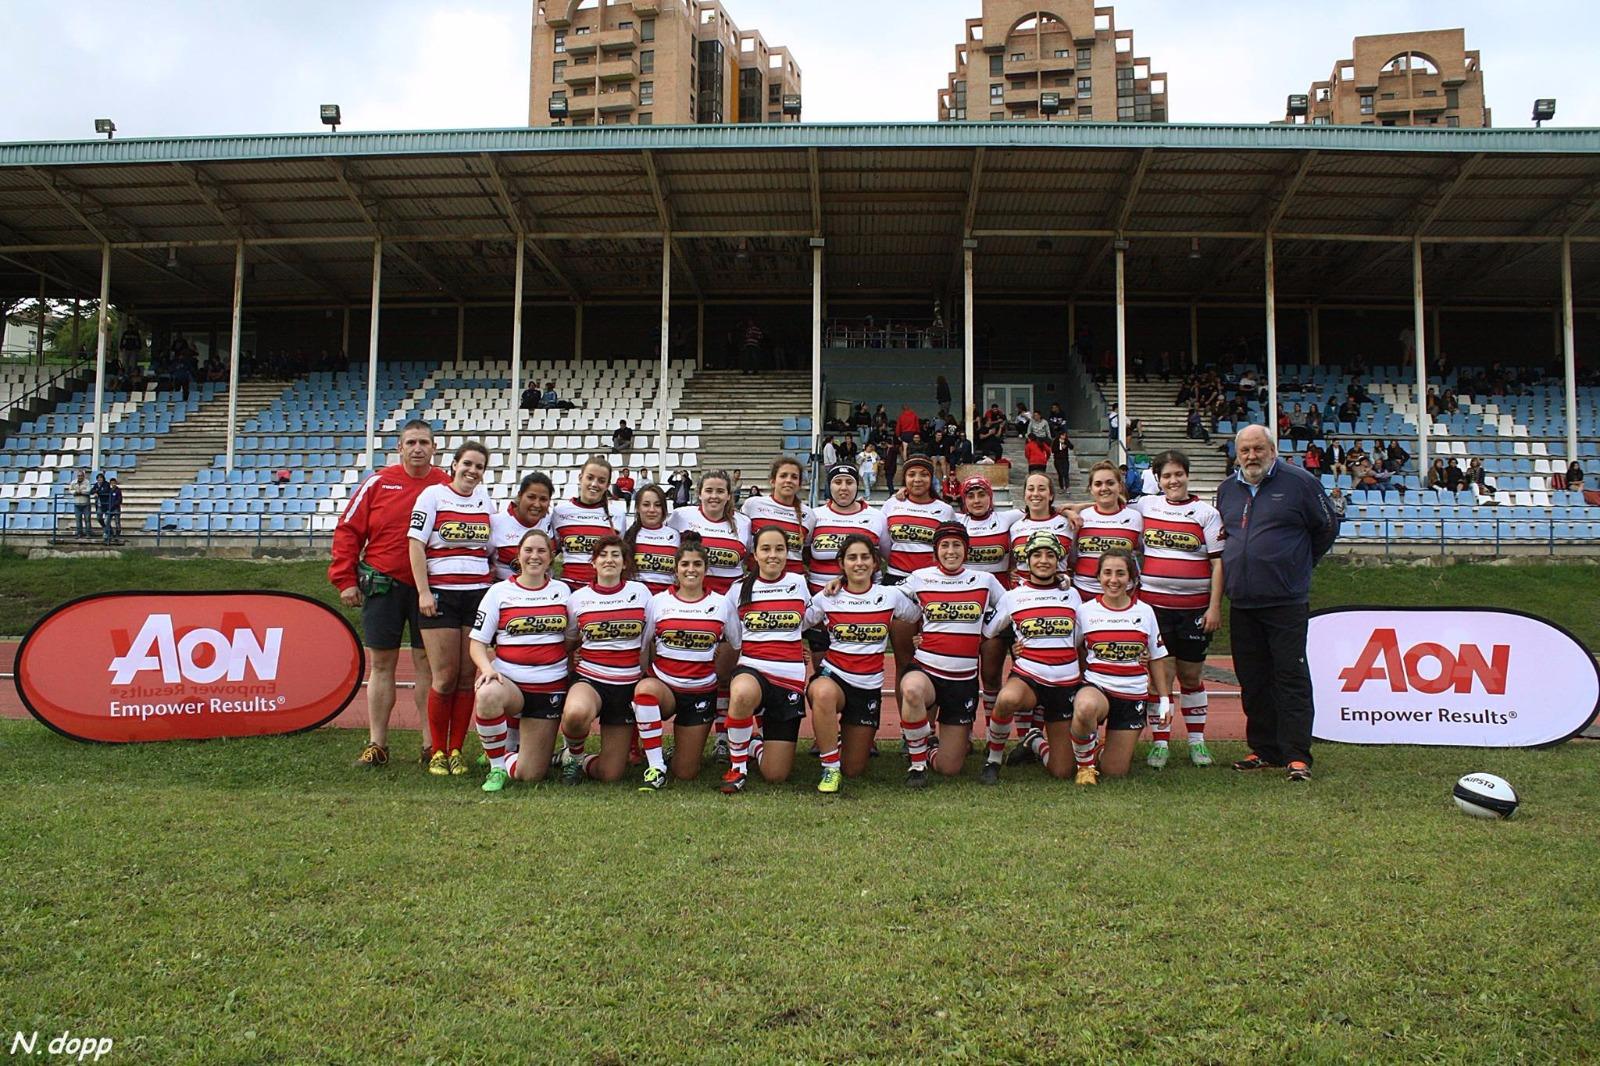 Equipo sénior femenino del Gijón Rugby Club - Universidad de Oviedo